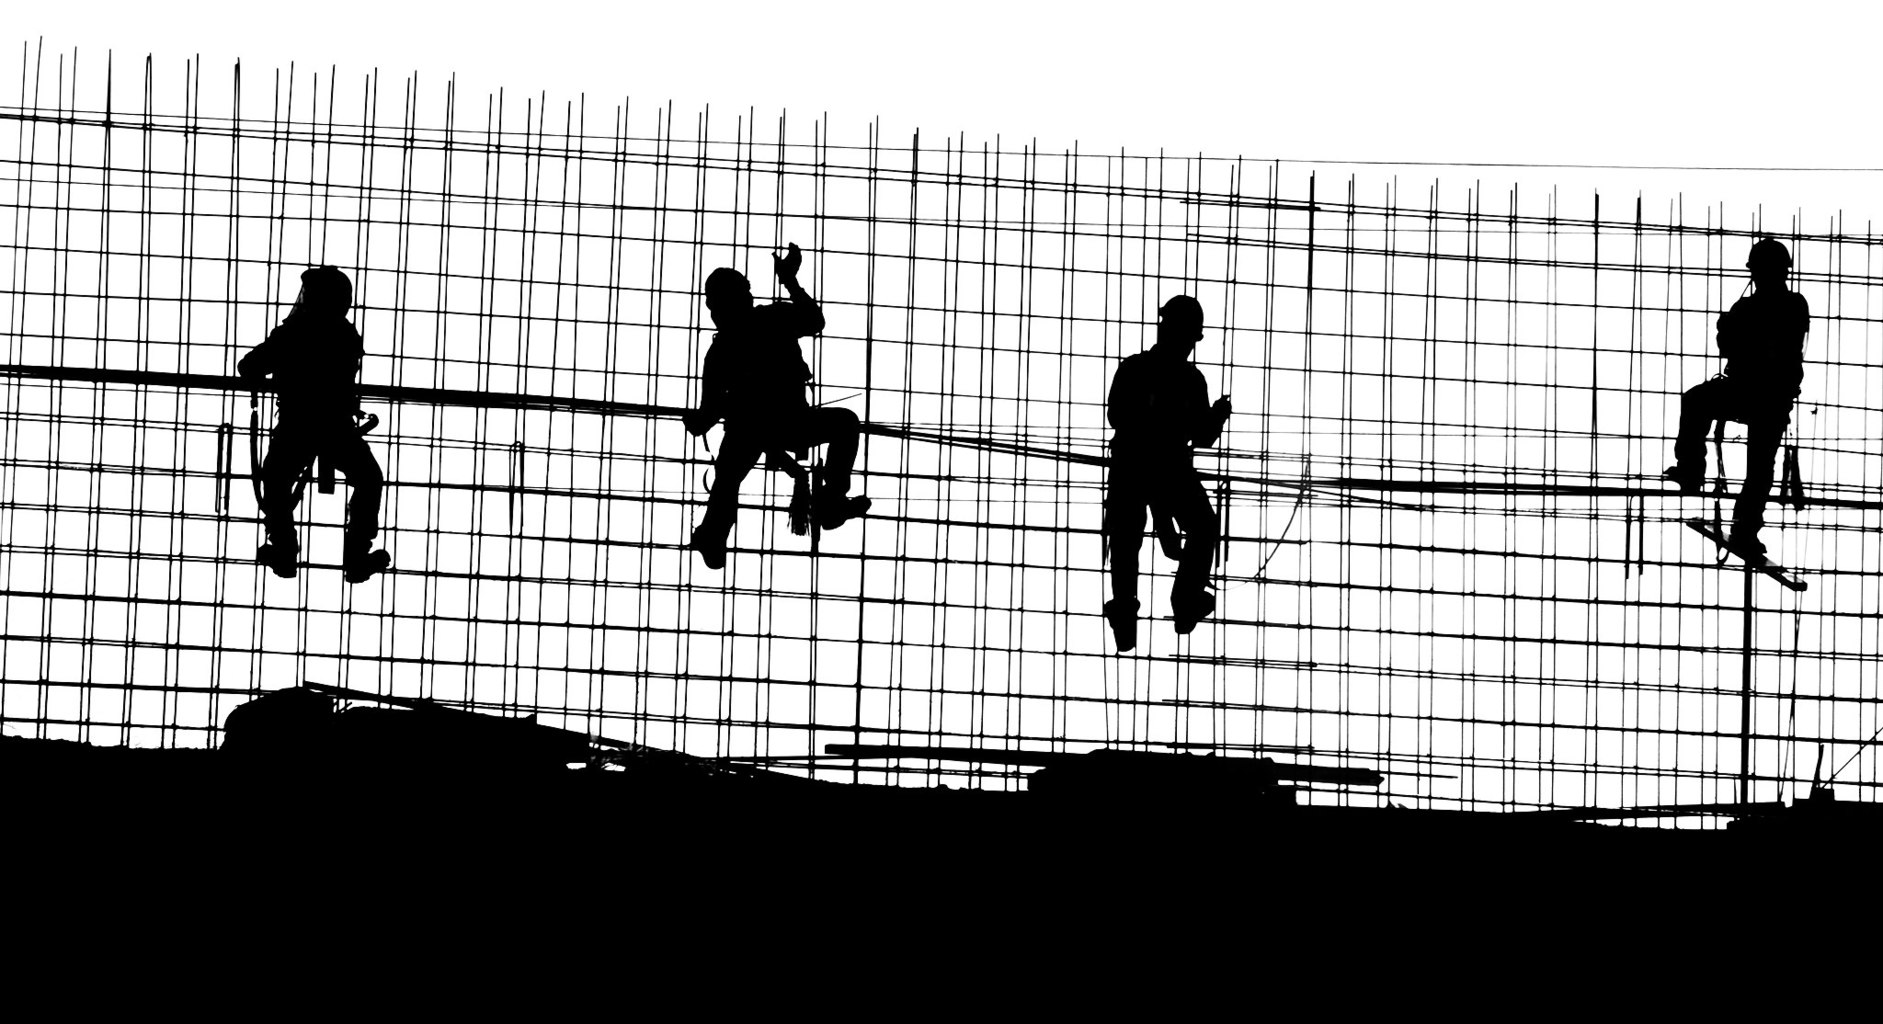 Ukrajnából milliók mennek dolgozni külföldre a jobb élet reményében (illusztráció) #moszkvater